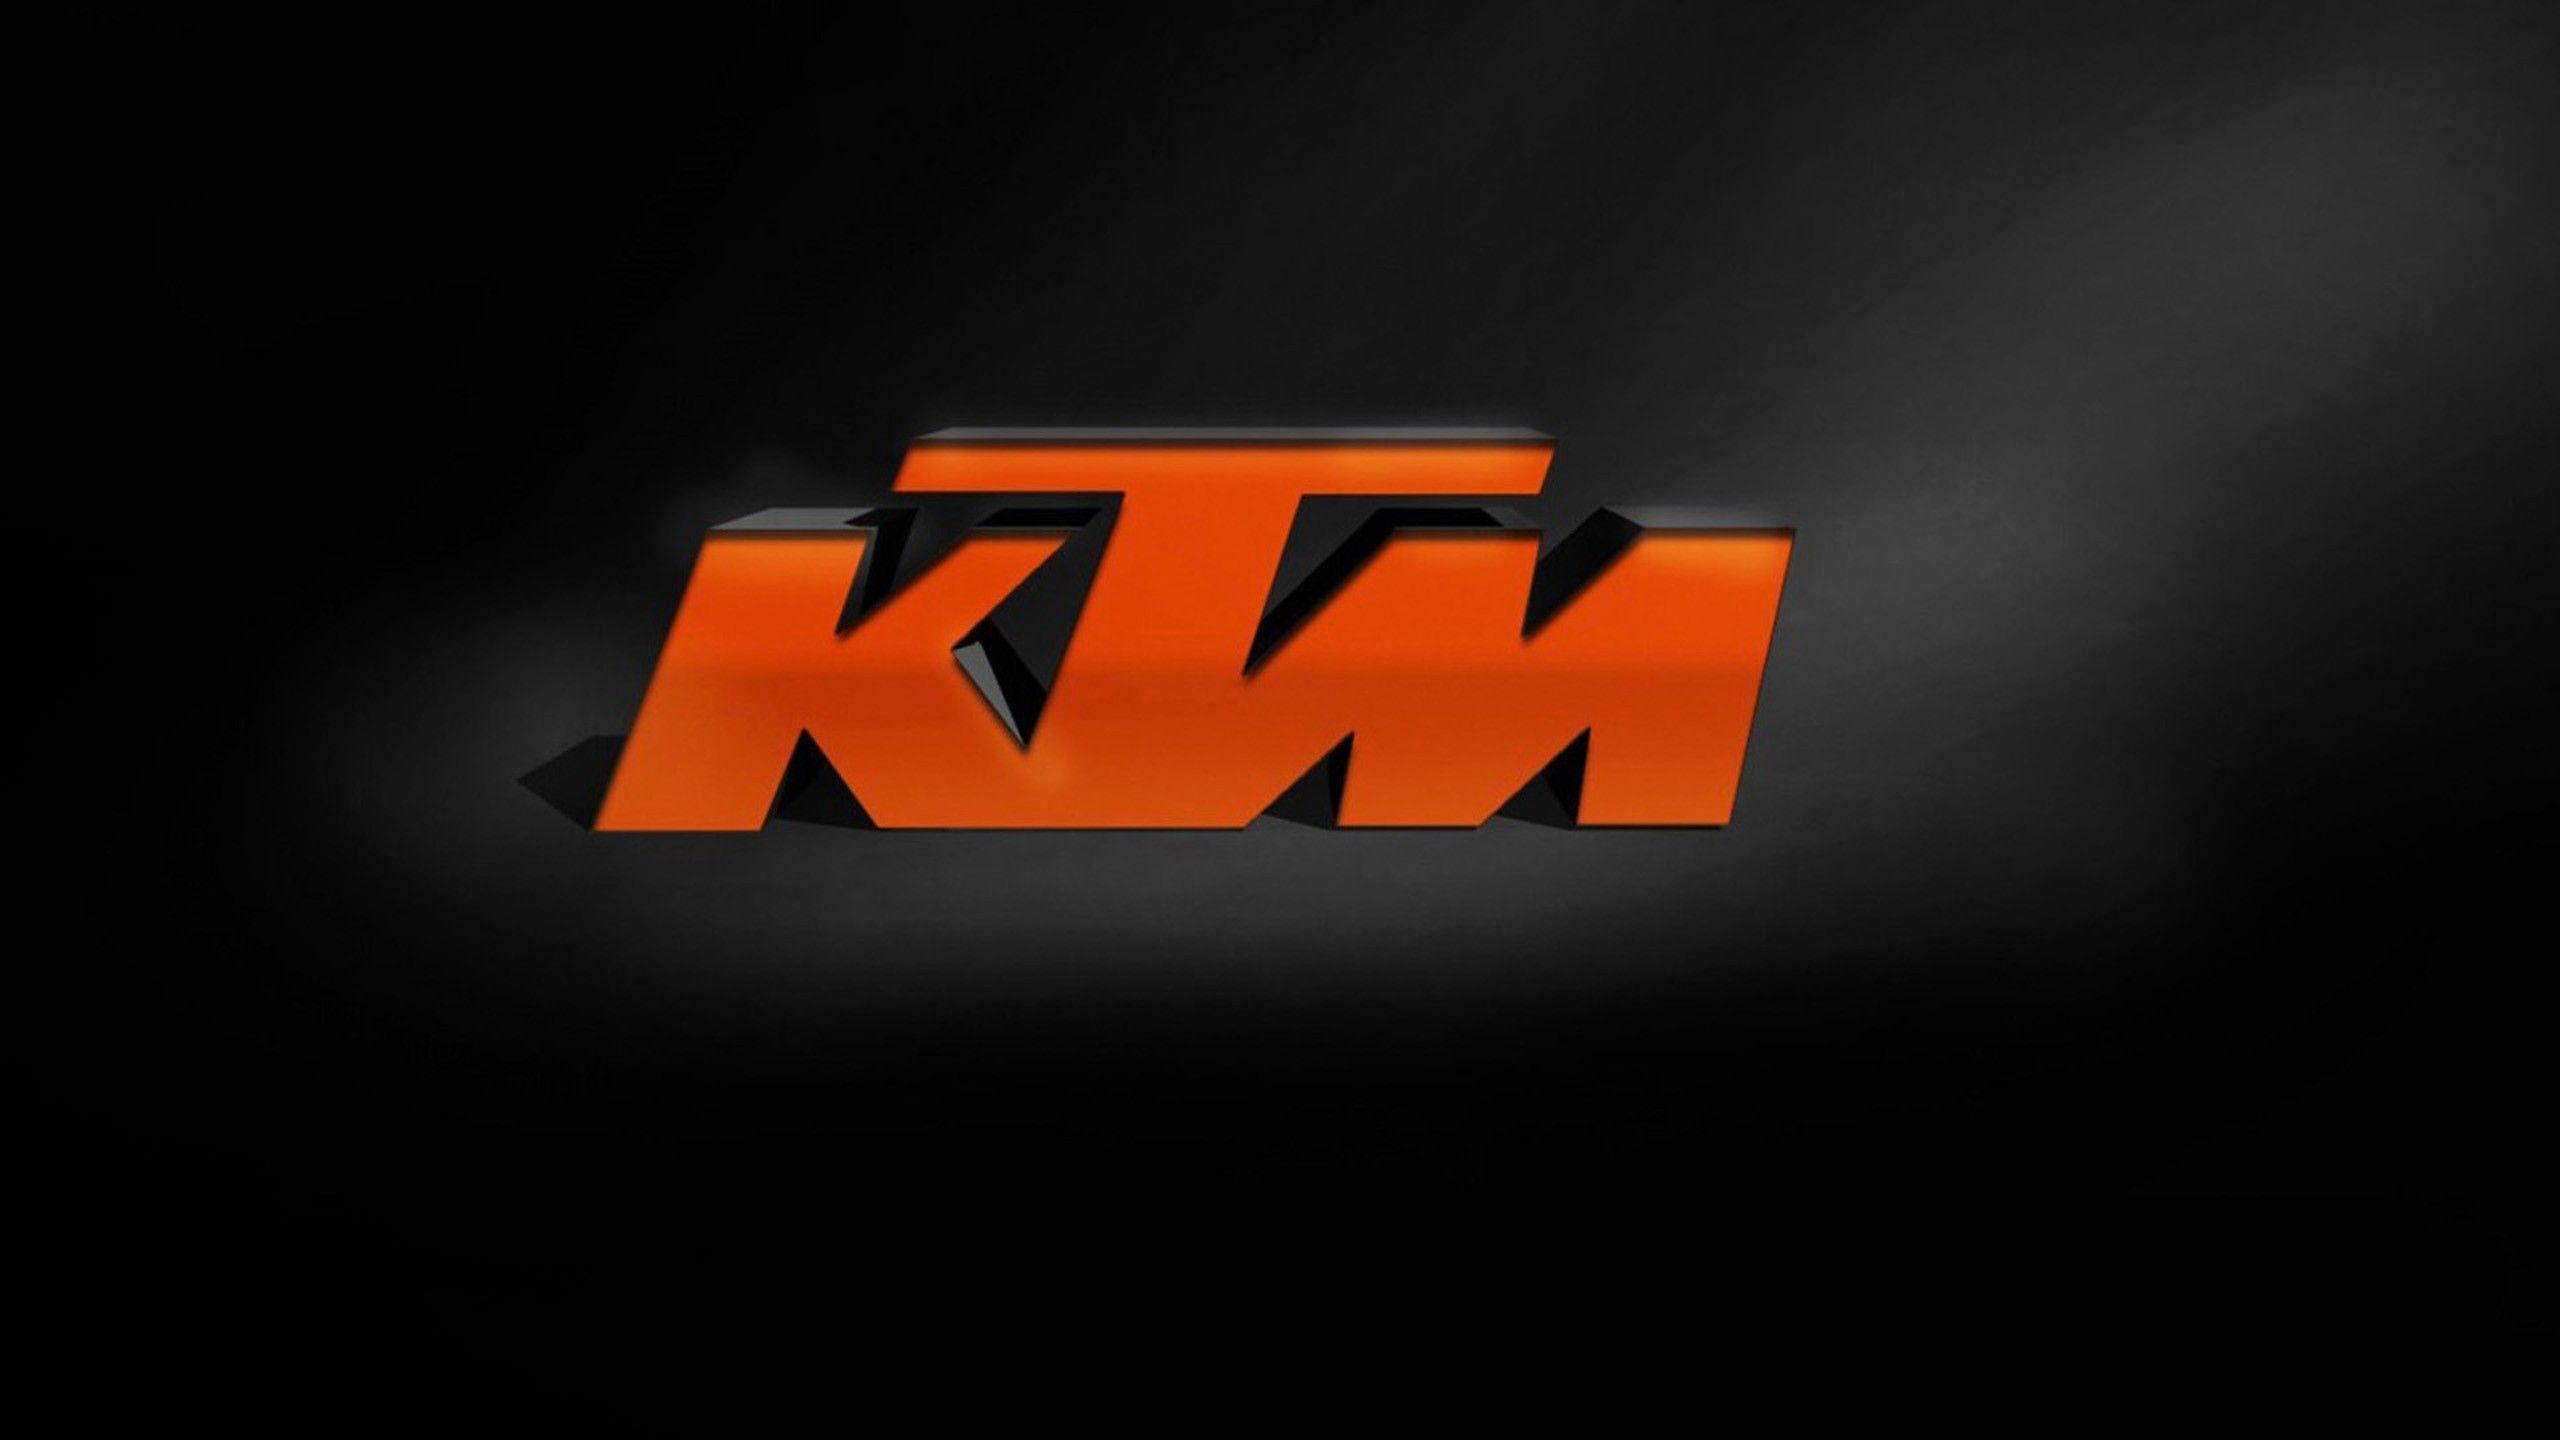 Fresh Ktm Logo Hd Wallpaper Logo Wallpaper Hd Ktm Wallpaper Download ktm wallpaper logo png